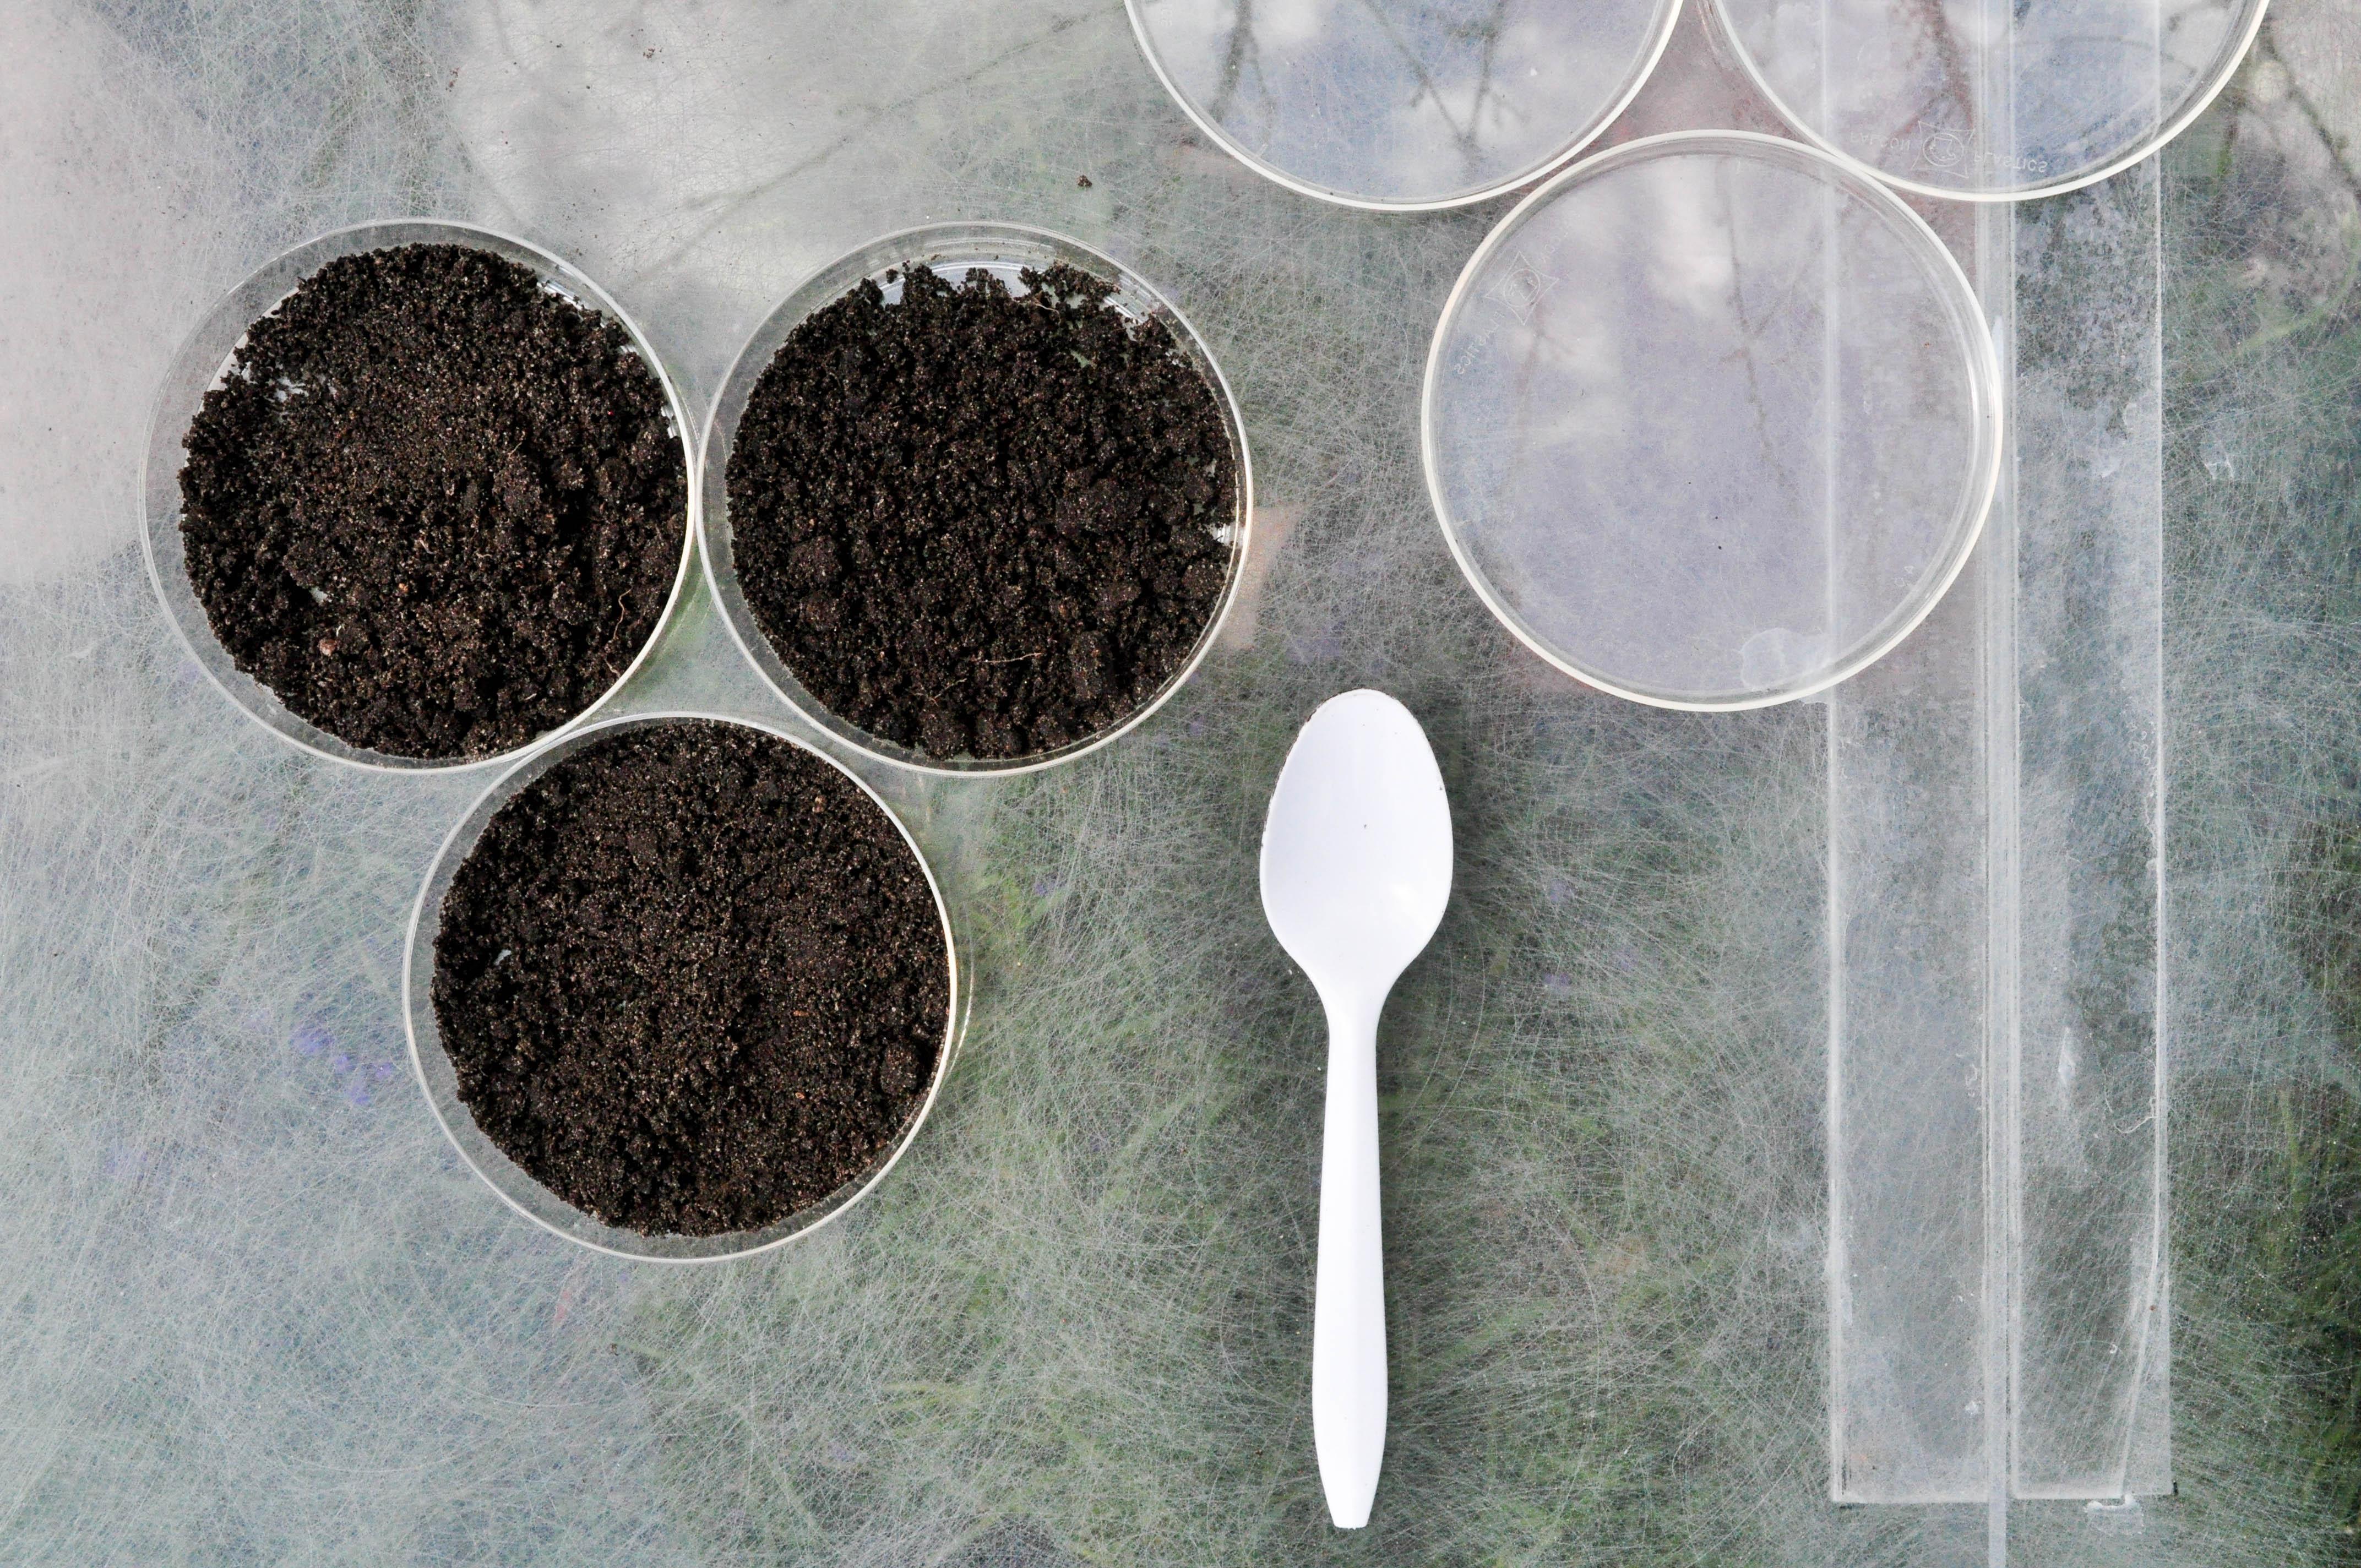 preparing soil.